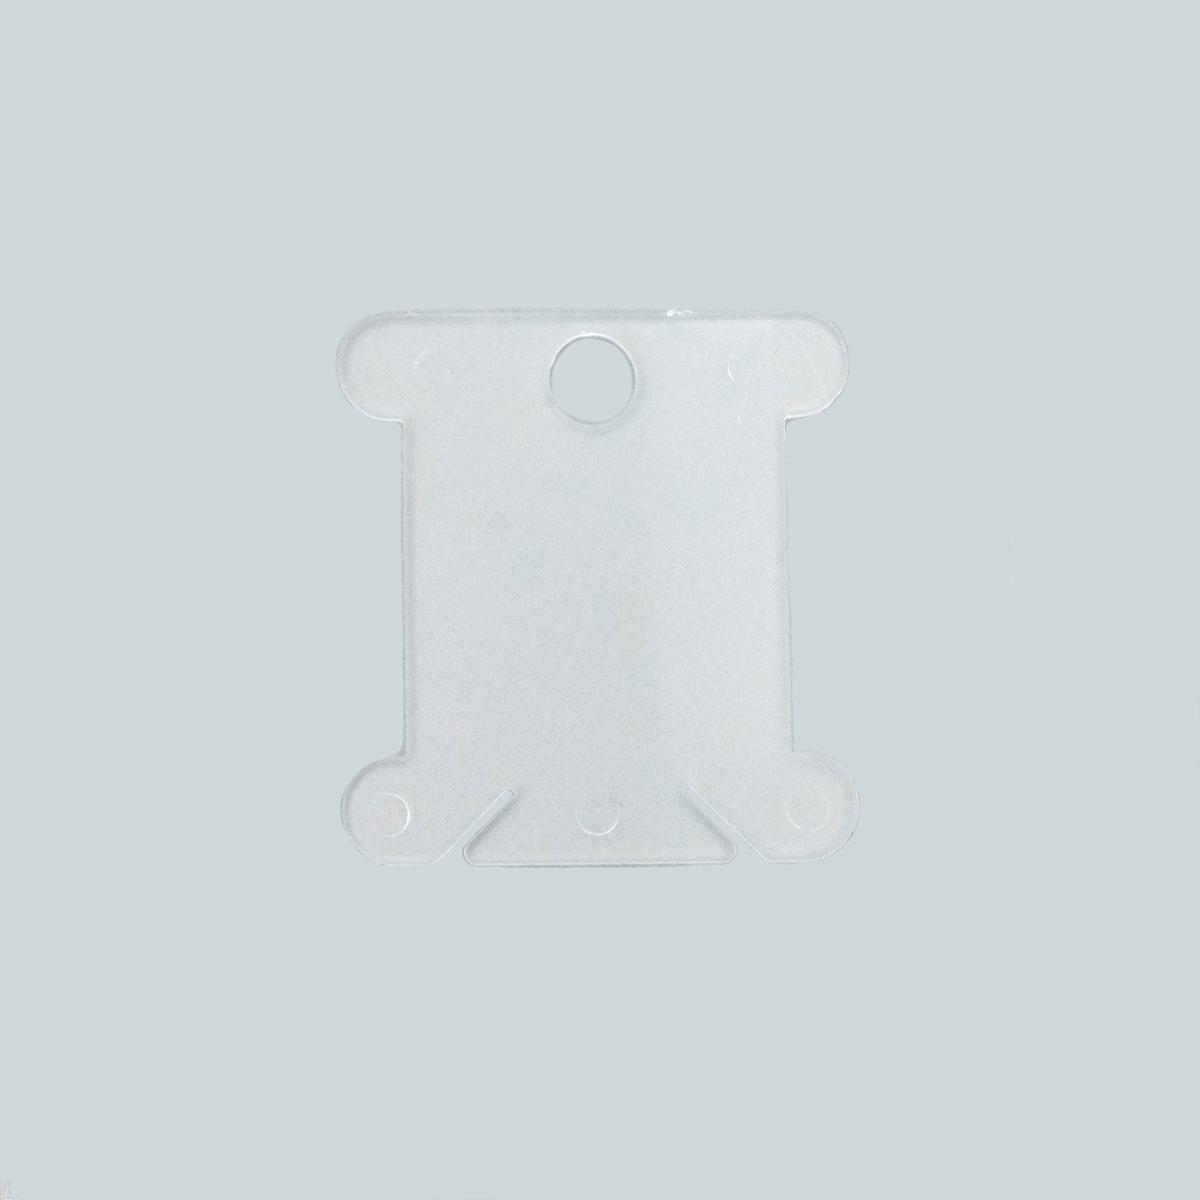 Набор аксессуаров для вышивания базовый плюс, Hobby&Pro